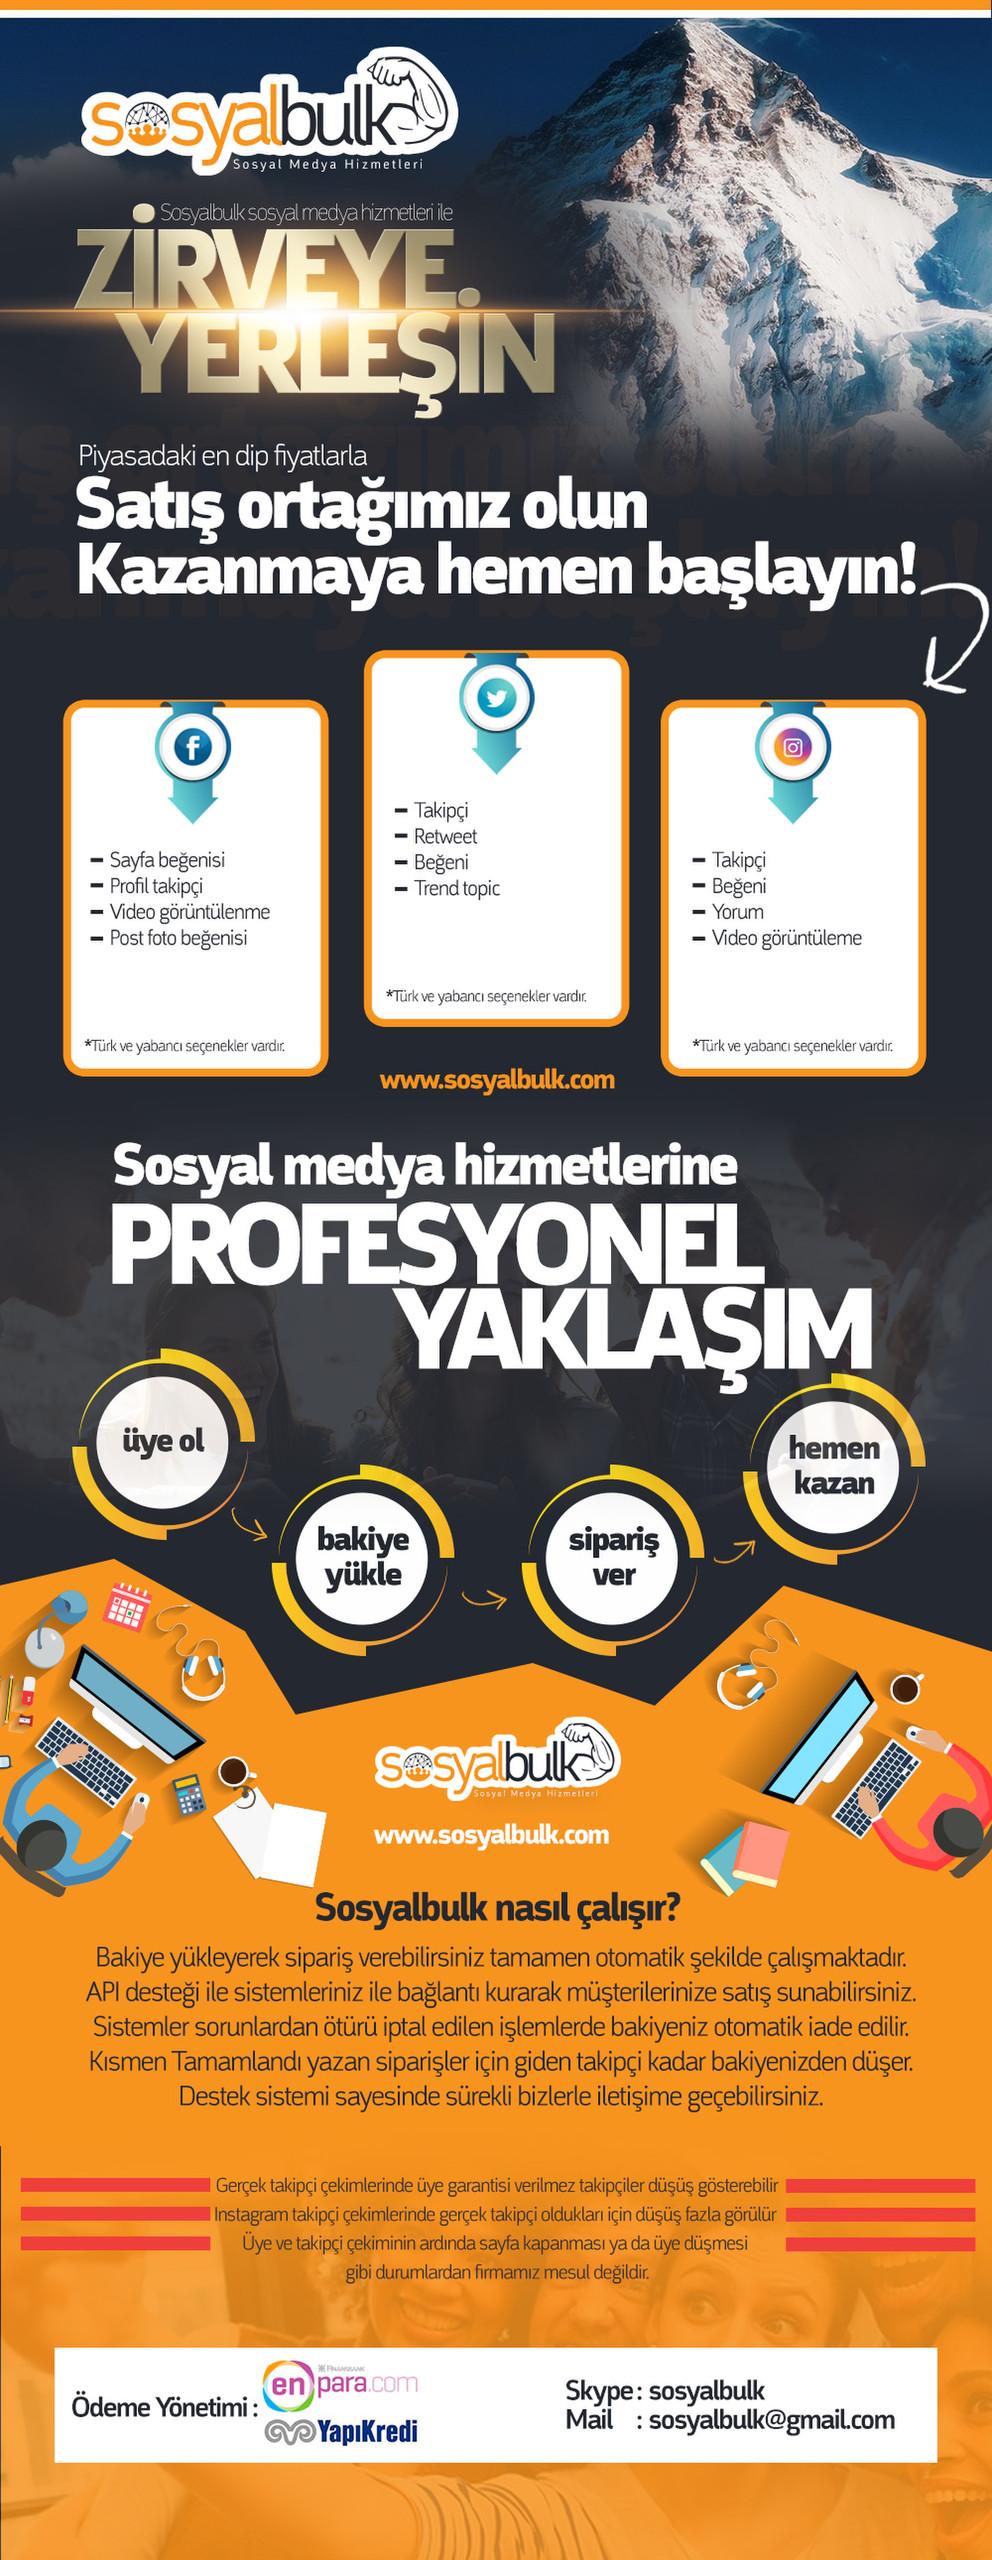 Sosyalbulk.com Instagram Takipçi Ve Tüm Sosyal Medya